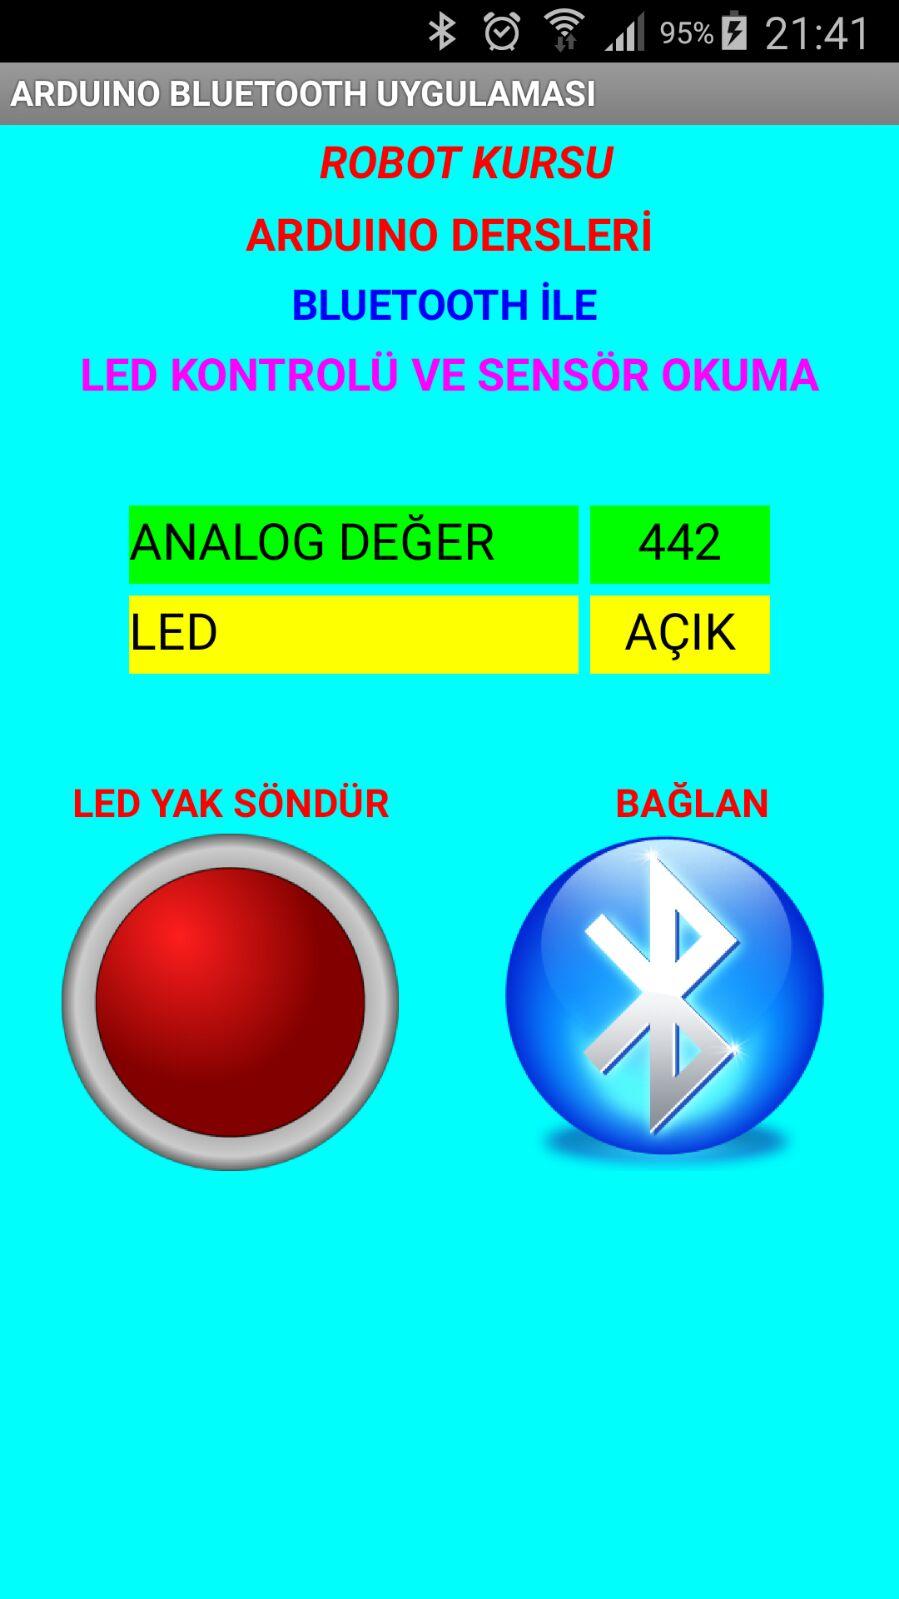 Ders 34: HC 05 bluetooth modülü kullanımı (Android ten değer okuma)